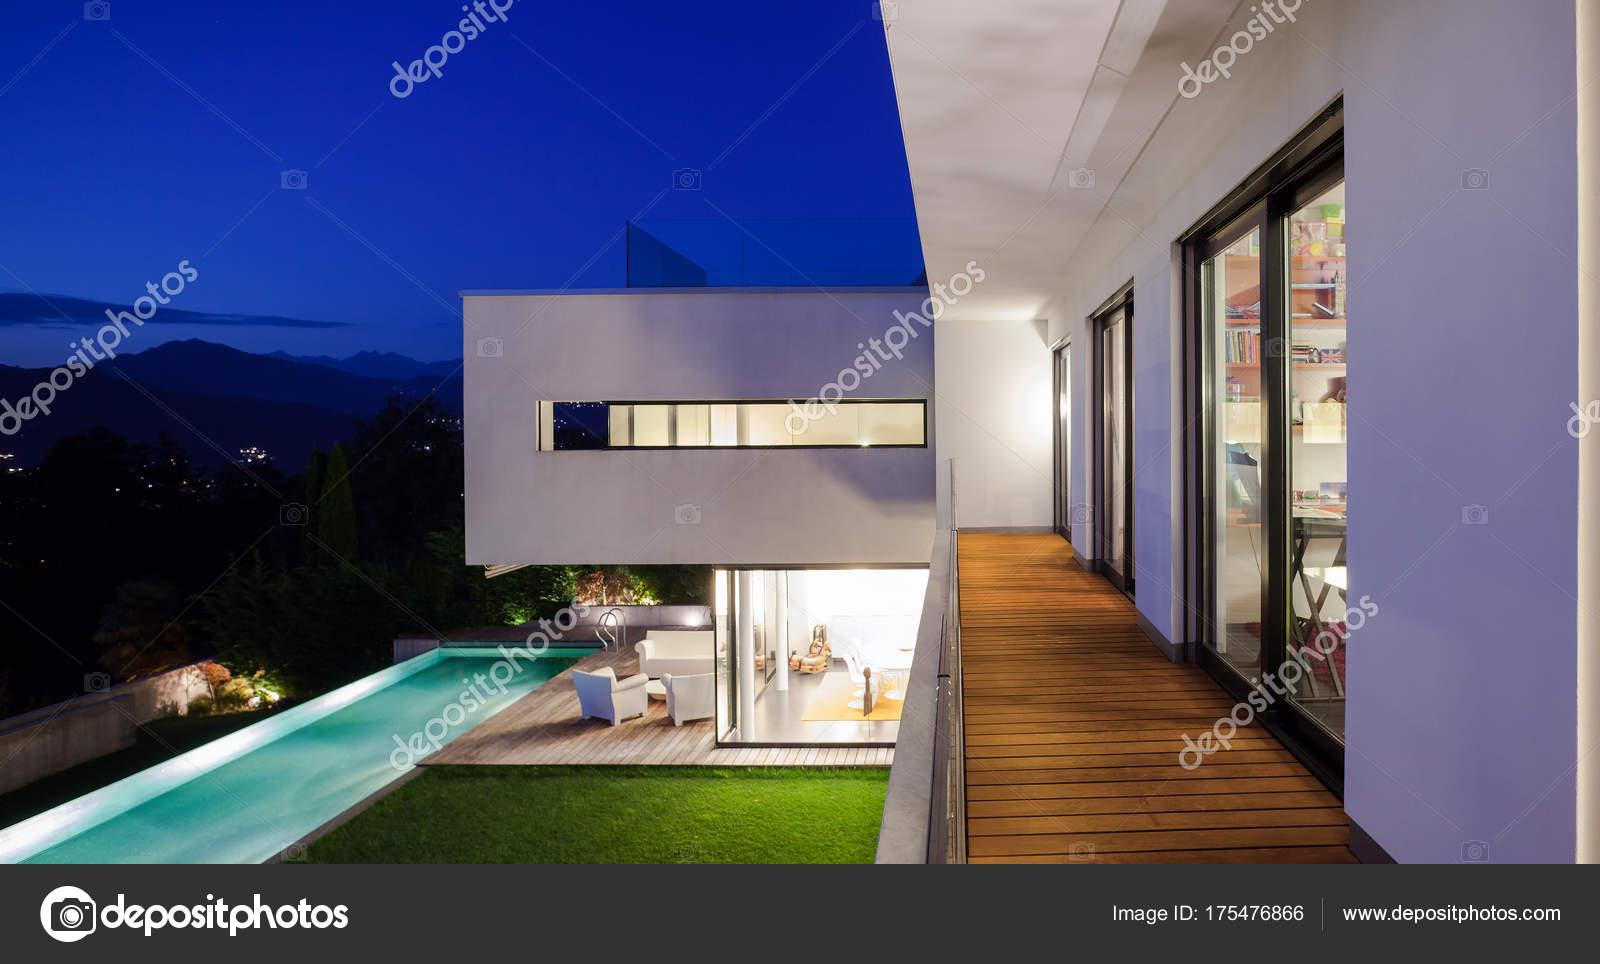 Moderne huis met zwembad u2014 stockfoto © zveiger #175476866